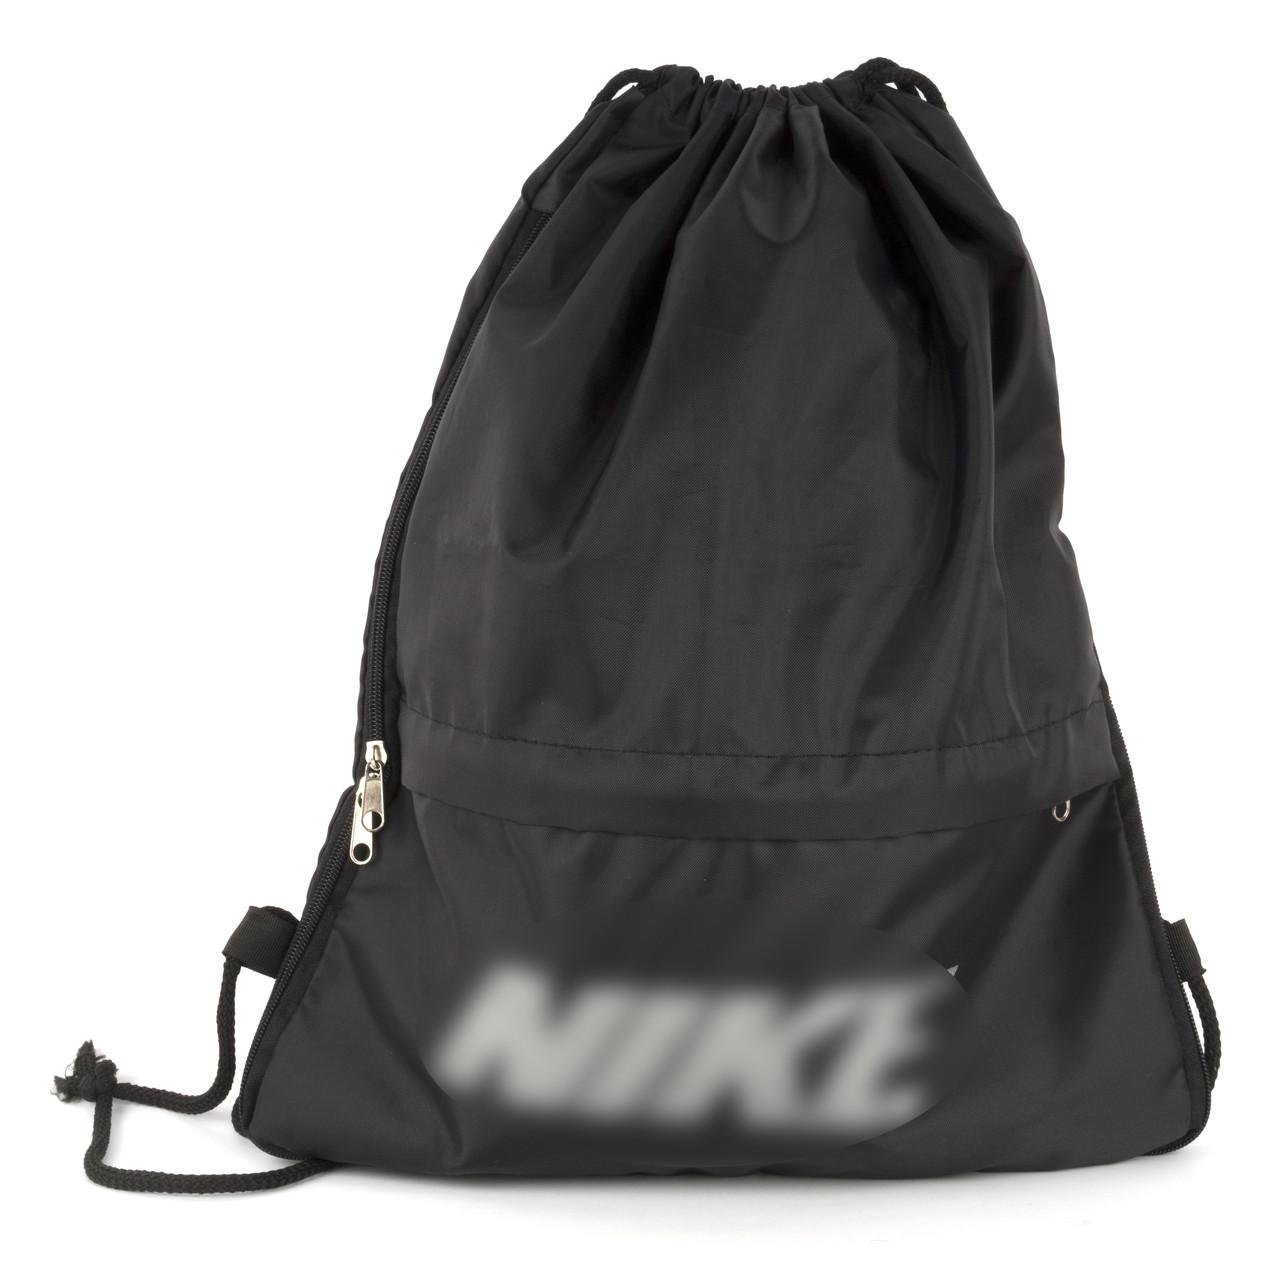 Спортивний чоловічий рюкзак для сменки із збільшенням art. смєнка велика